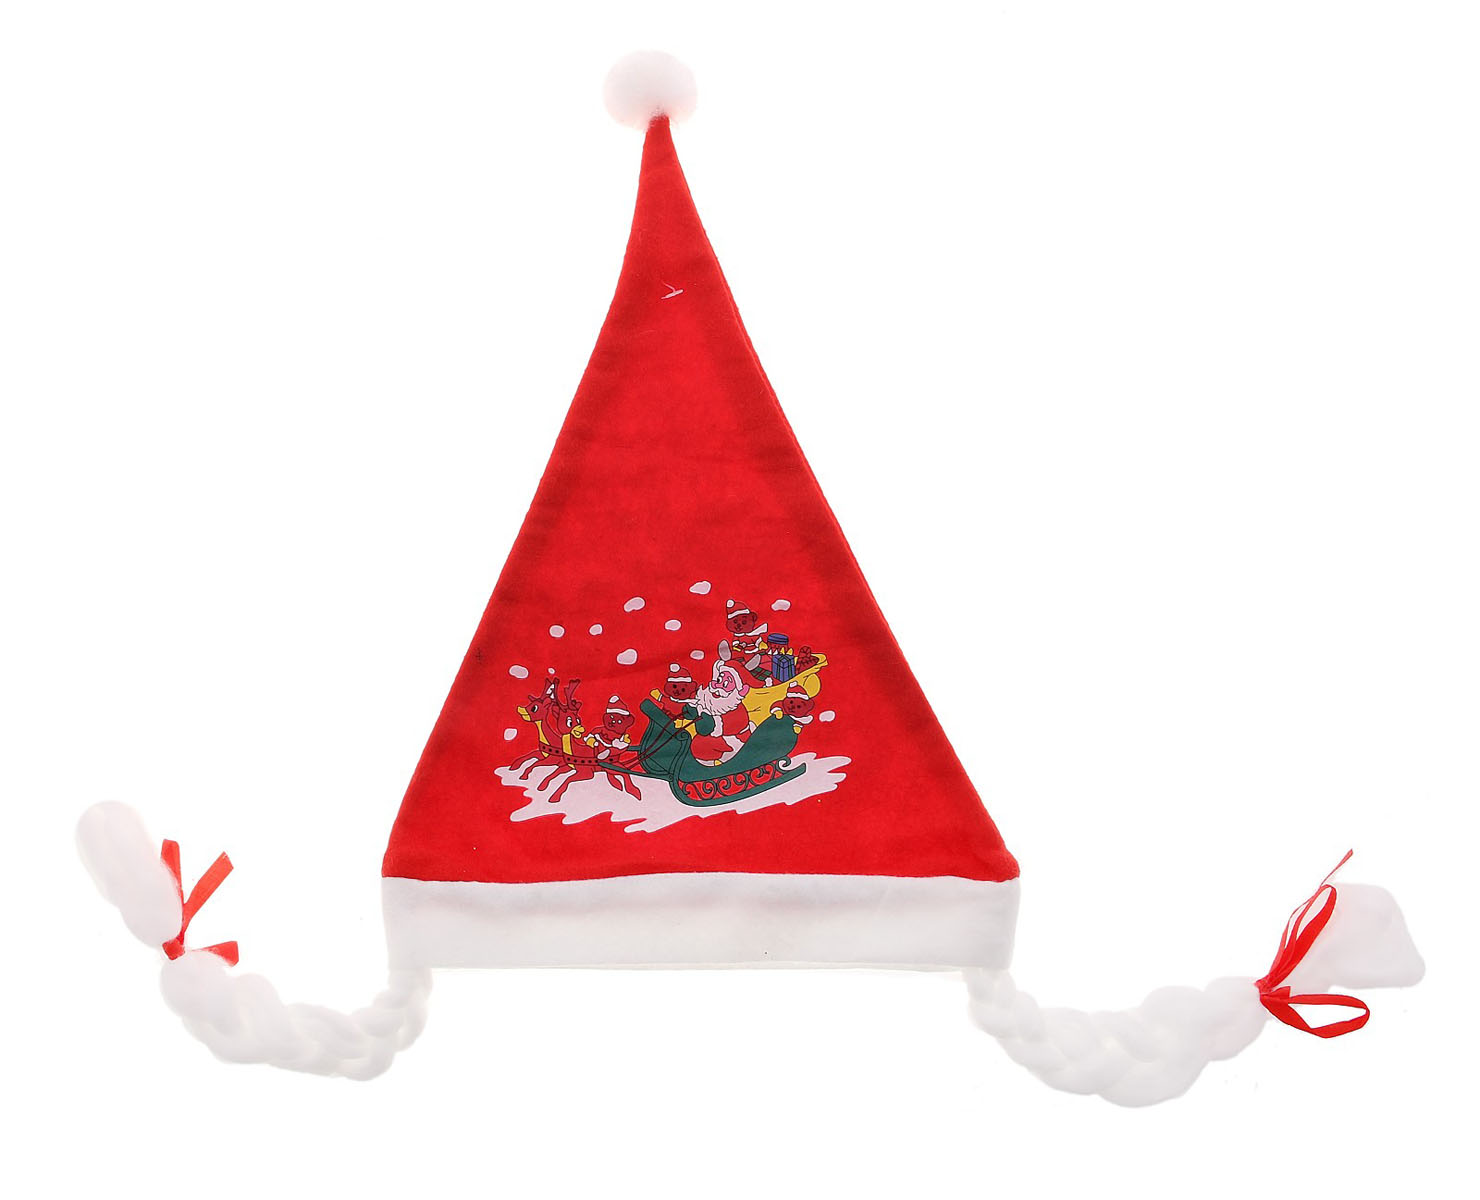 Колпак новогодний Sima-land, с косичками, 40 х 27 см719604Новогодний колпак Sima-land развеселит вас и ваших друзей в праздничную ночь. Колпак, выполненный из текстиля, оформлен помпоном и косичками. Радуйте себя и родных, дарите подарки и хорошее настроение! Откройте для себя удивительный мир сказок и грез. Почувствуйте волшебные минуты ожидания праздника, создайте новогоднее настроение вашим дорогим и близким. Уважаемые клиенты! Обращаем ваше внимание на возможные изменения в рисунке на товаре. Поставка осуществляется в зависимости от наличия на складе.